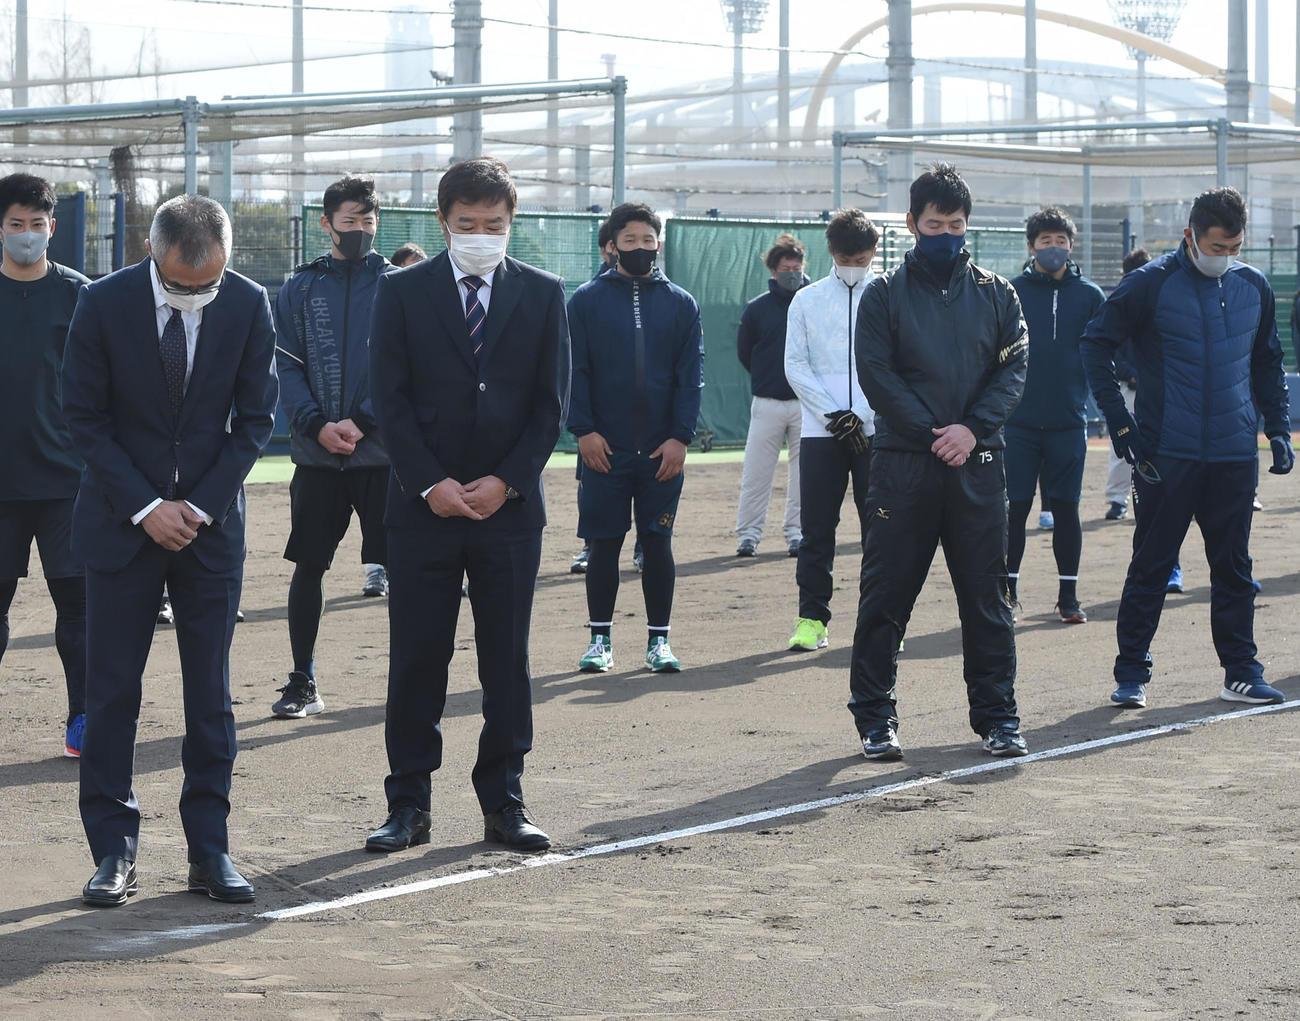 神戸の方向を向いて阪神・淡路大震災の犠牲者に黙とうをささげる、左から湊球団社長、福良GM、佐竹コーチ、平井コーチ(代表撮影)